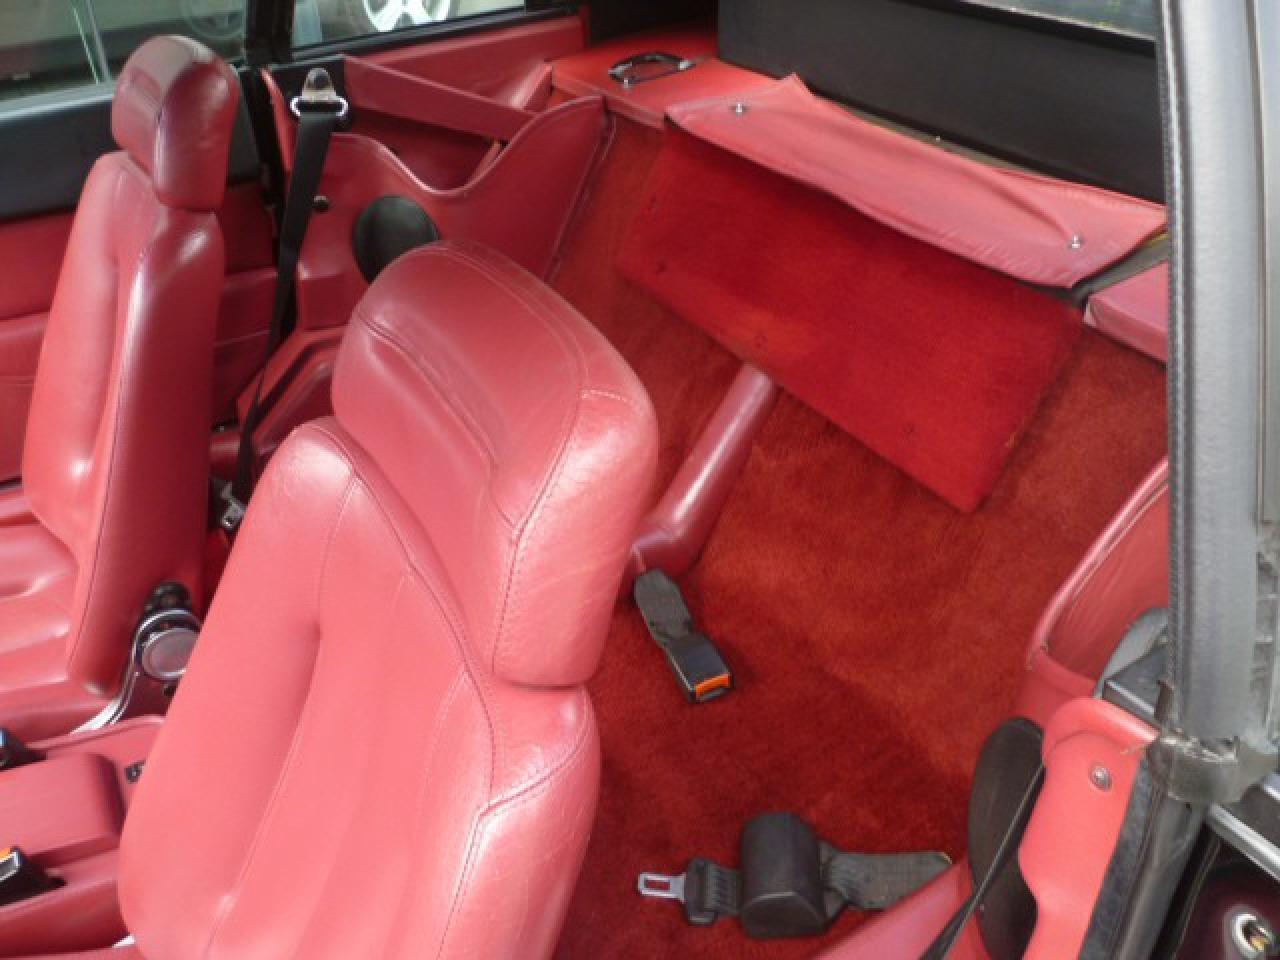 ferrari mondial cabrio 3 0 quattrovalvole 1985 verkocht fotografie delame. Black Bedroom Furniture Sets. Home Design Ideas